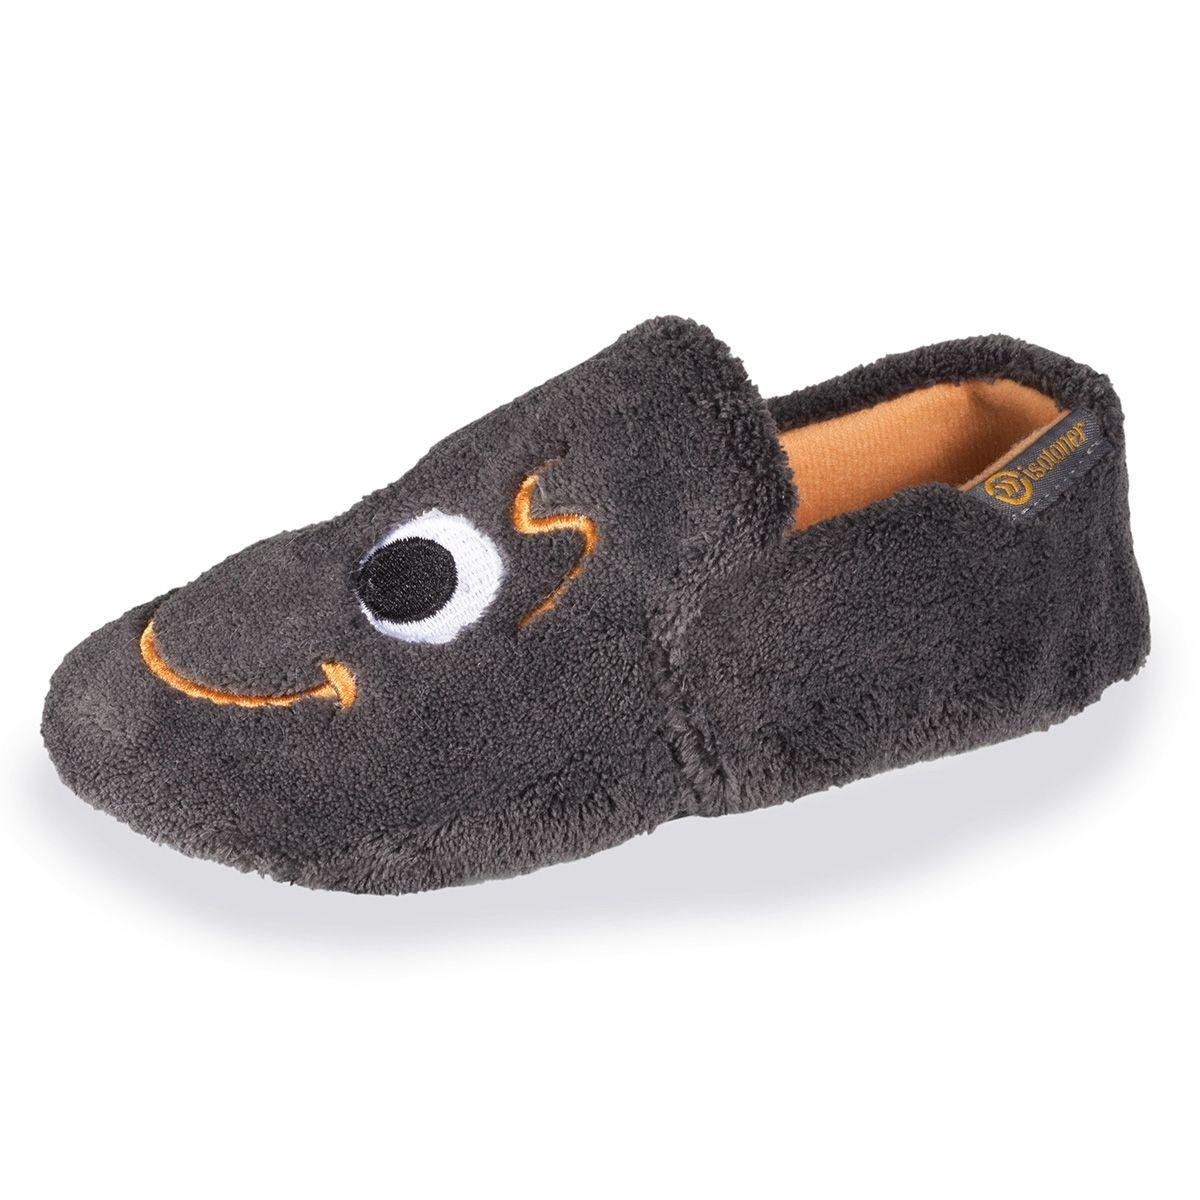 Chaussons slippers garçon brodés